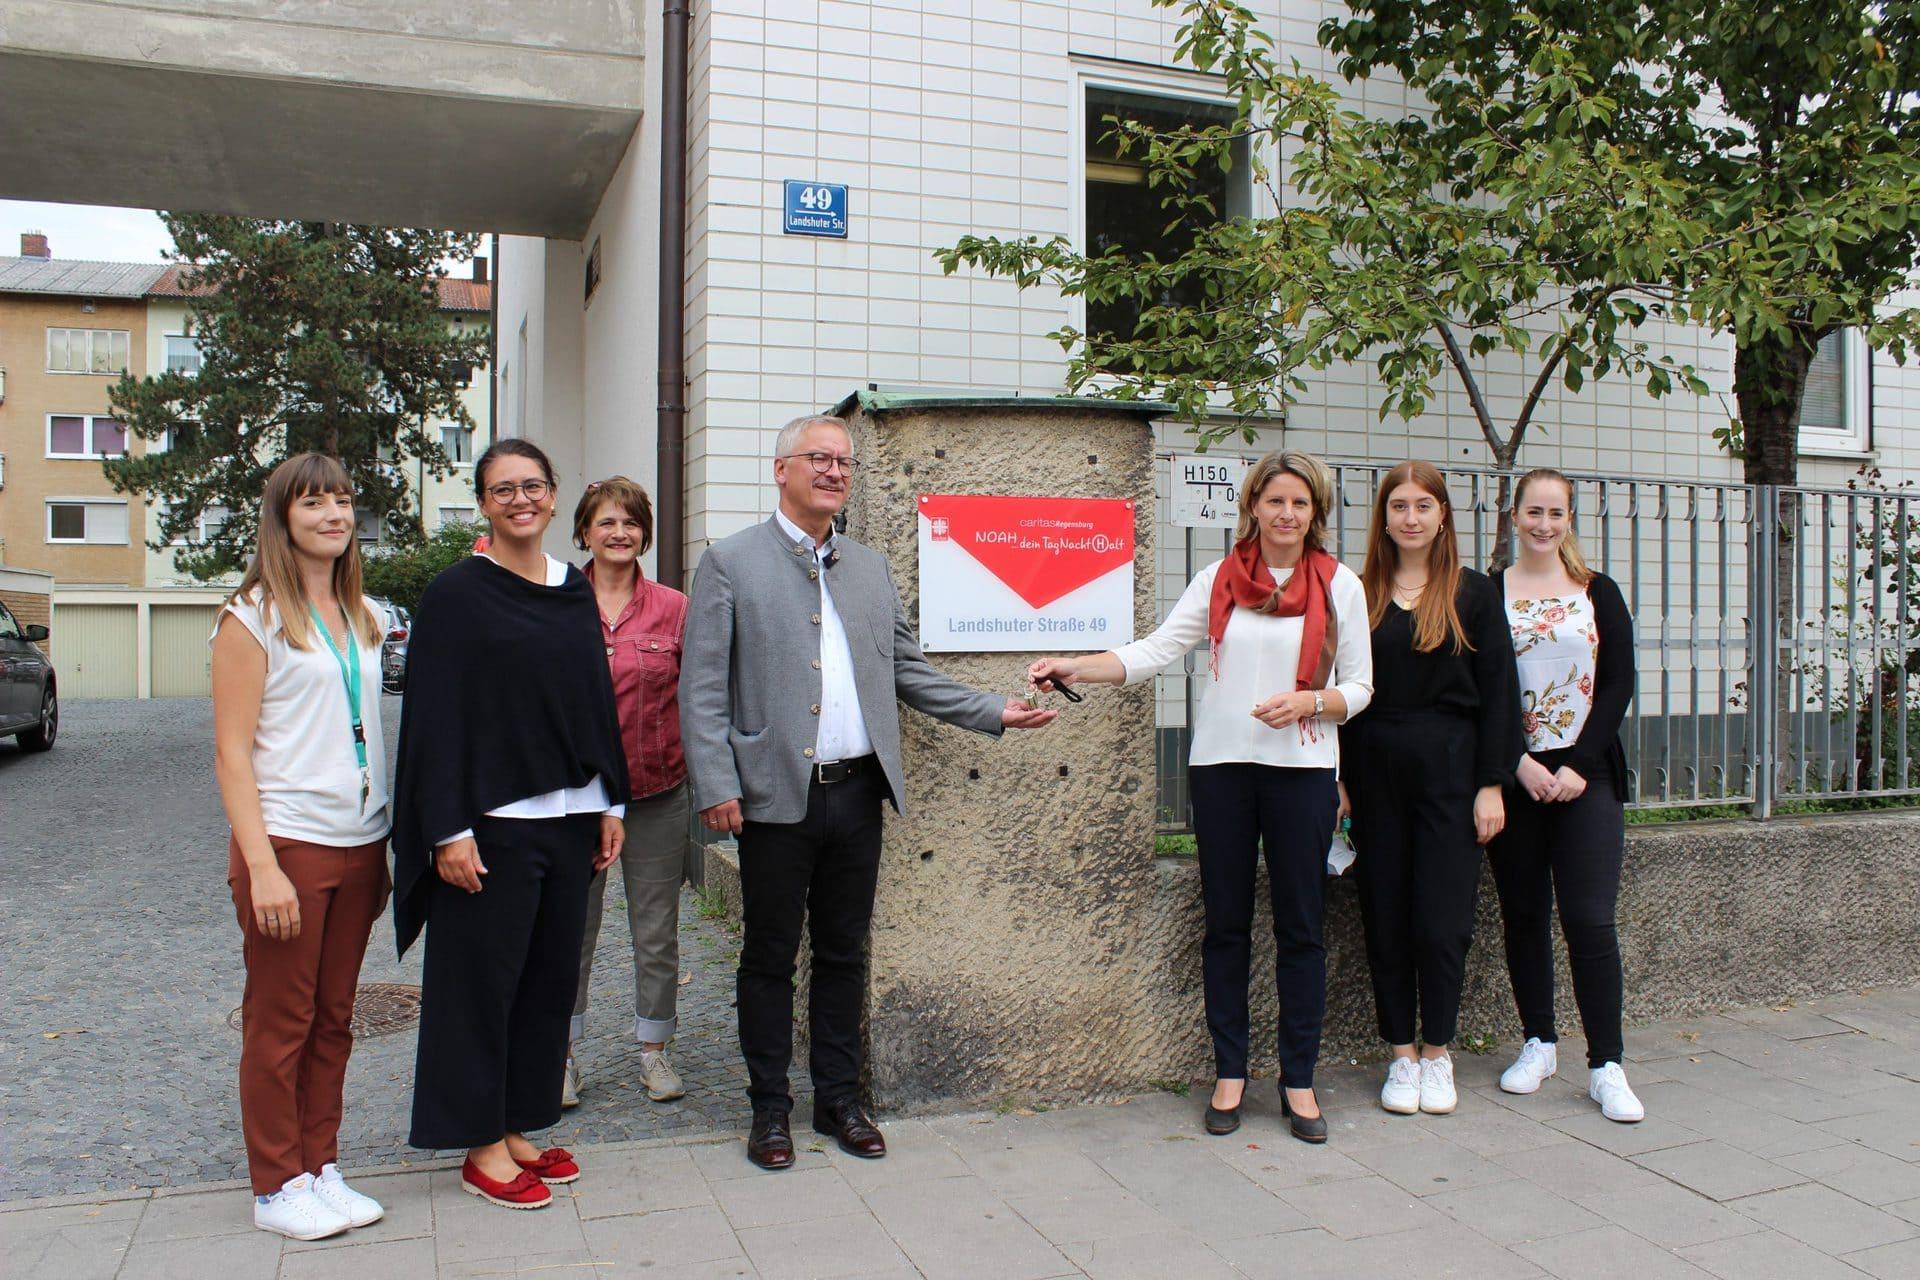 Caritas Regensburg übernimmt UfO Der Verband erweitert seine Kapazitäten für wohnungs- und obdachlose Menschen